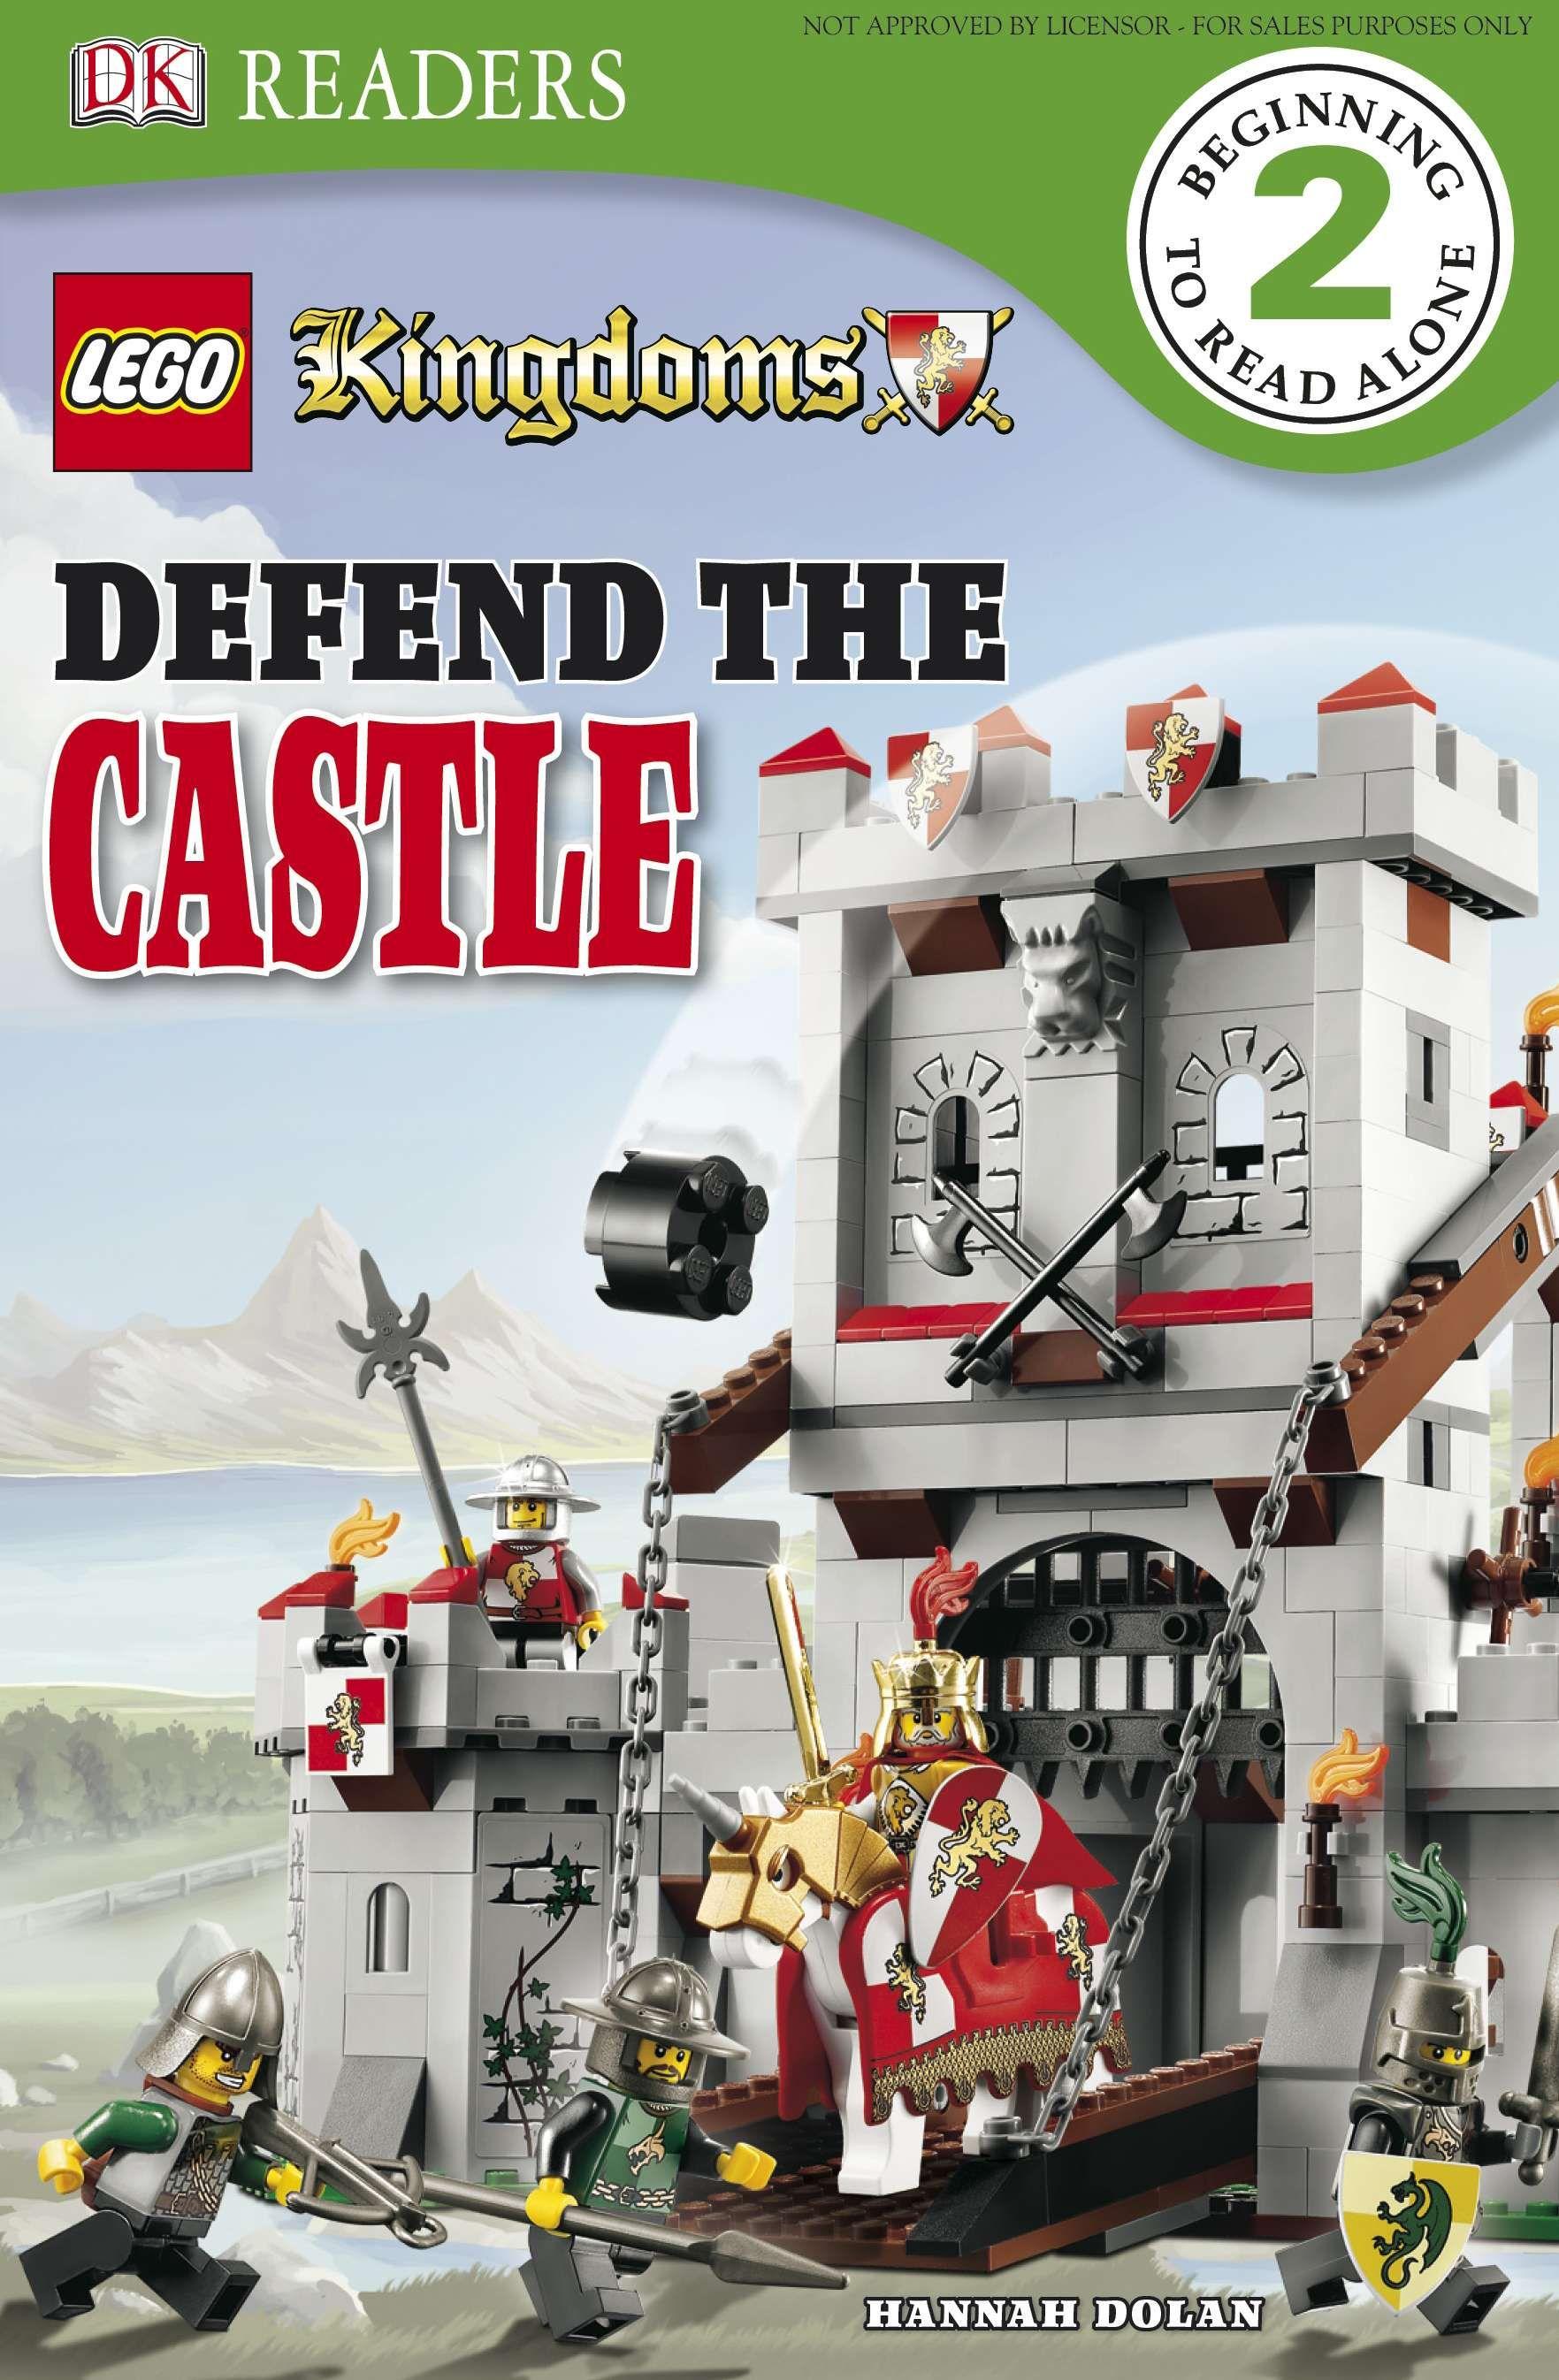 Quot Defend The Castle Quot By Hannah Dolan Features A Battle